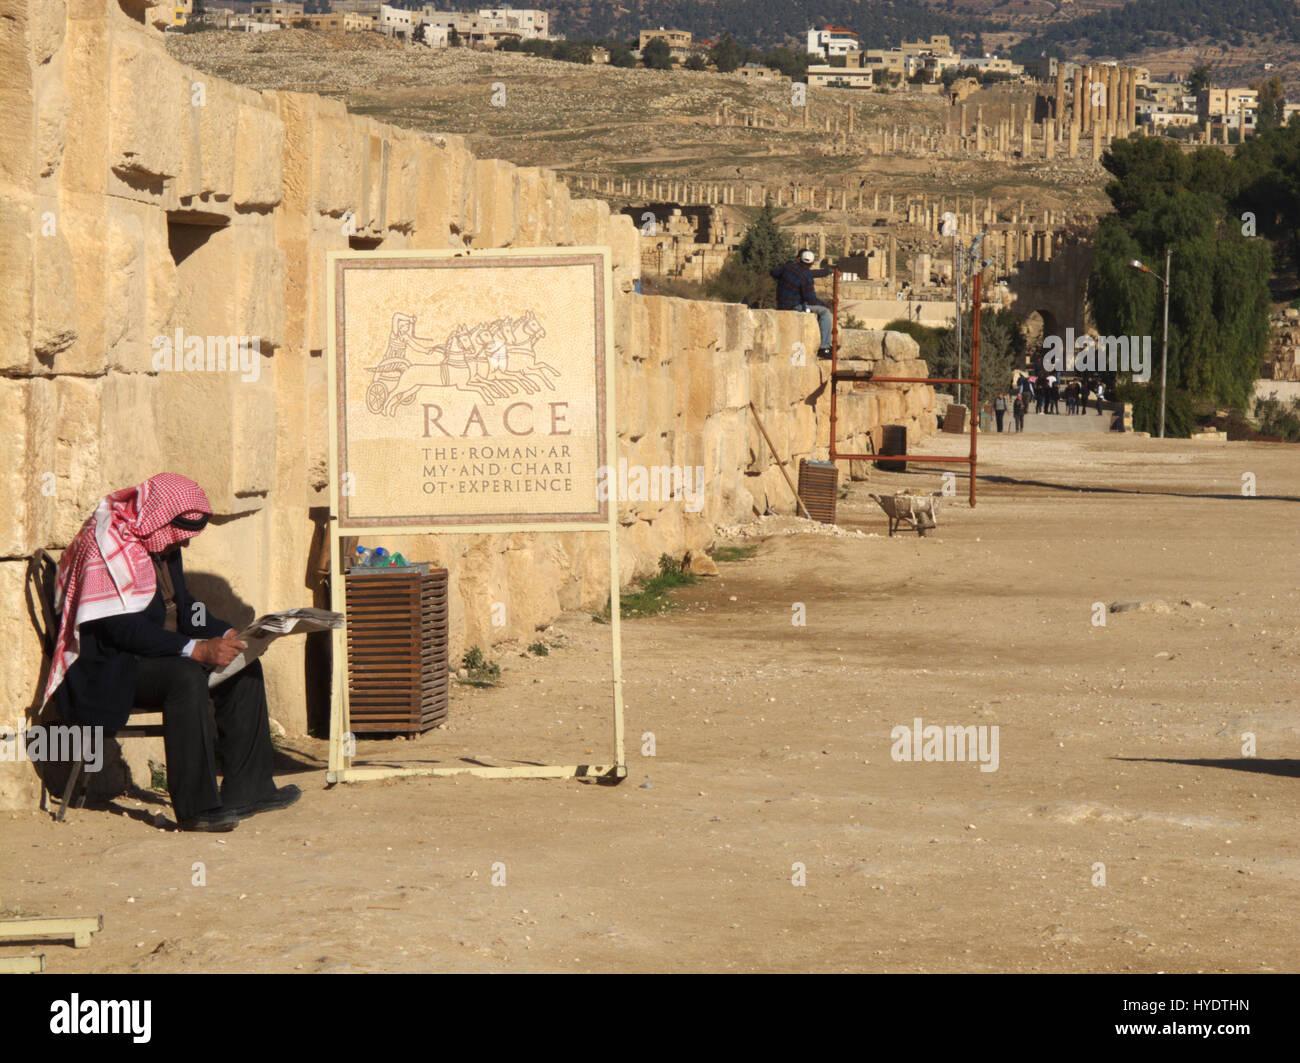 Le rovine romane, Jerash, Giordania Immagini Stock